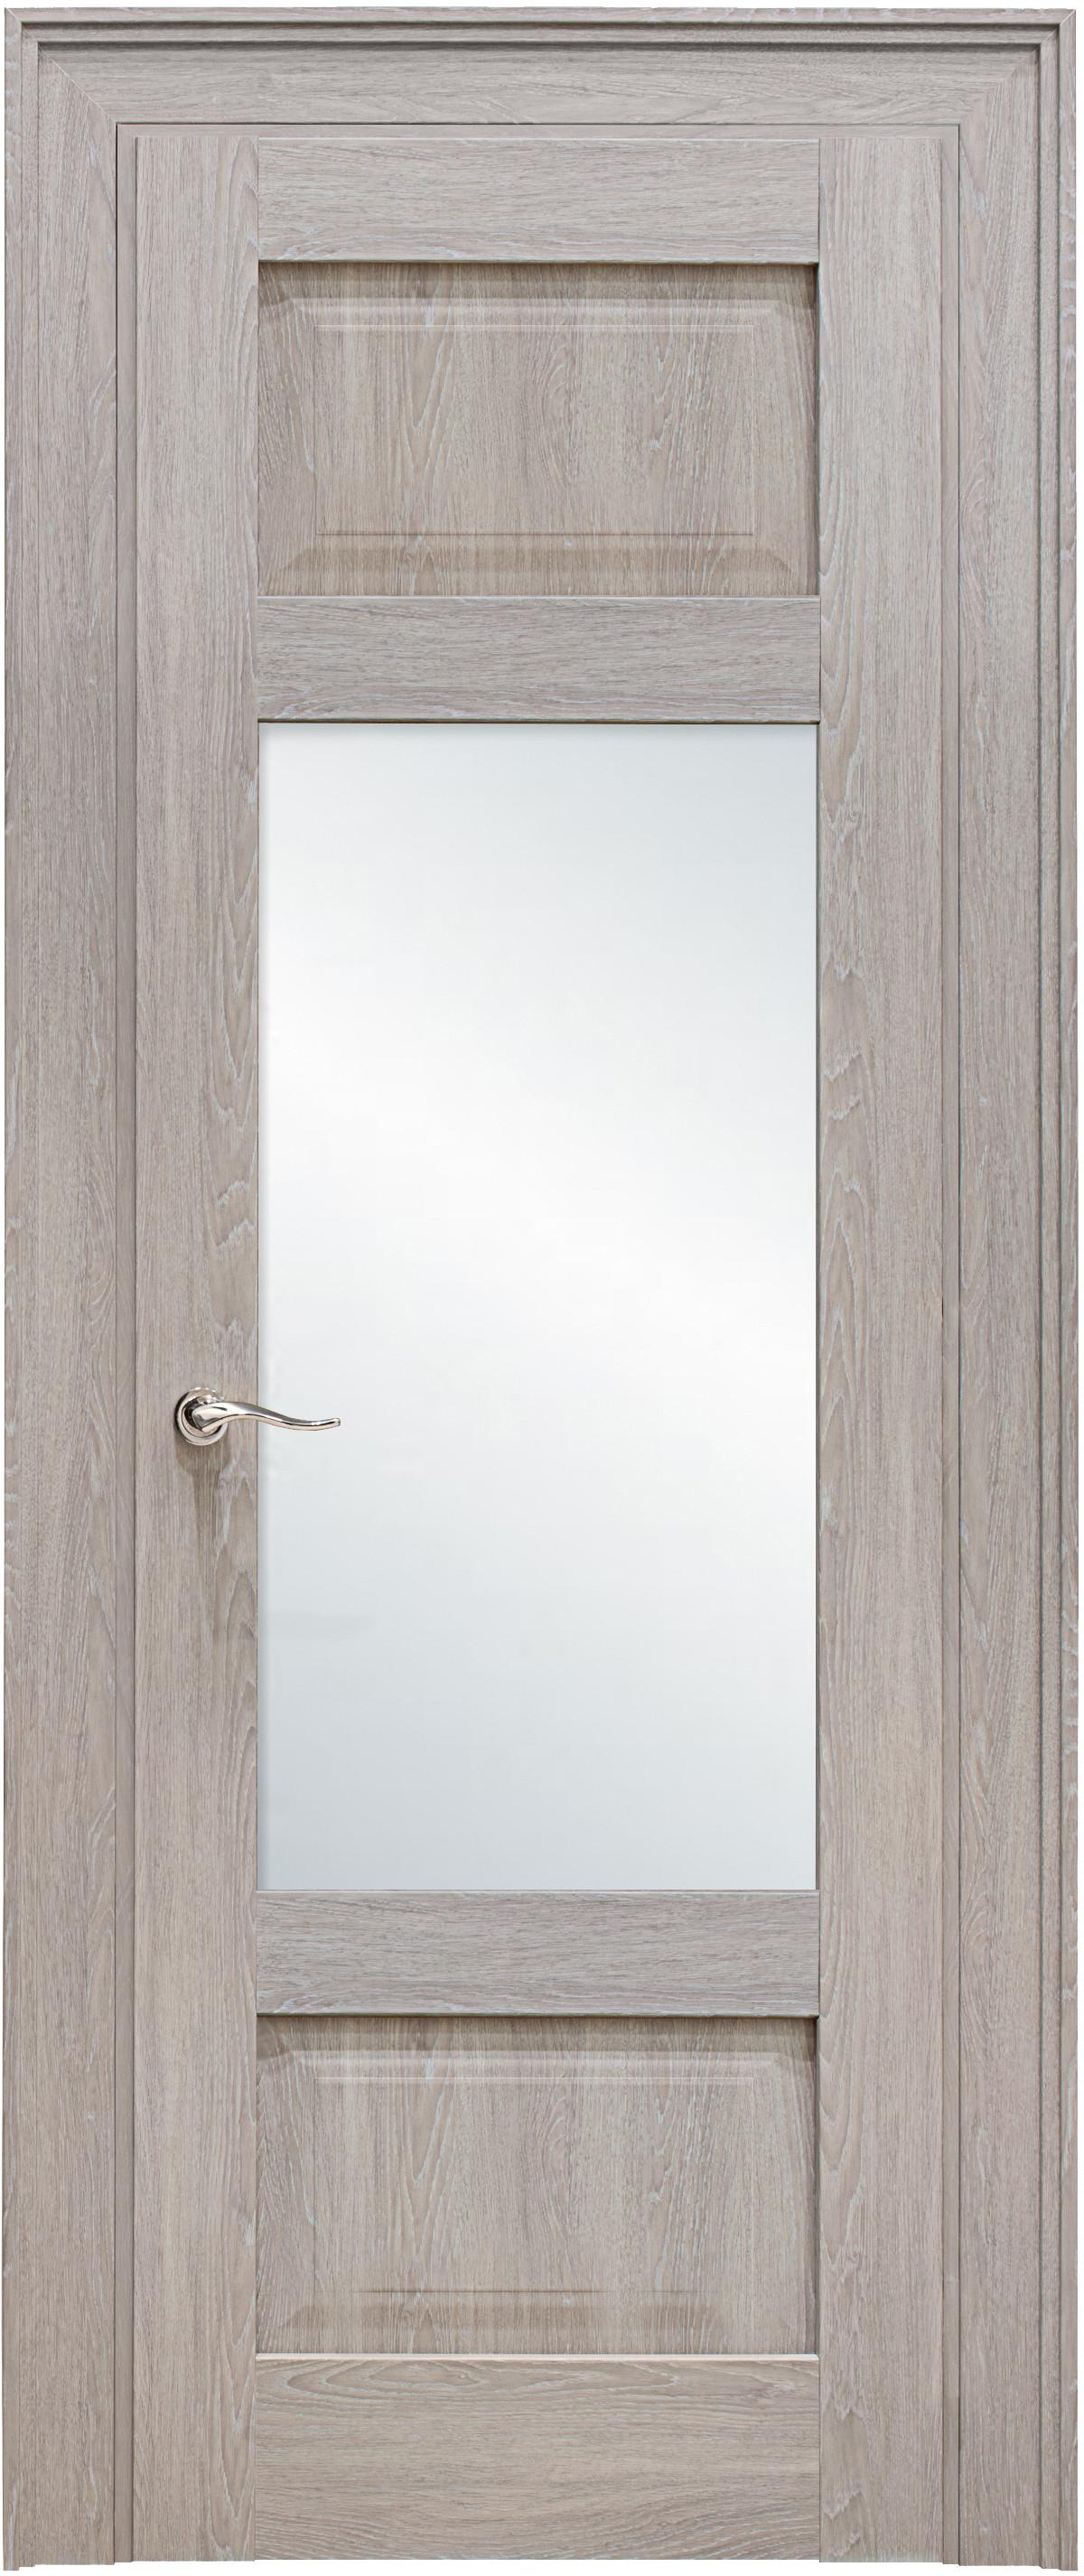 door80